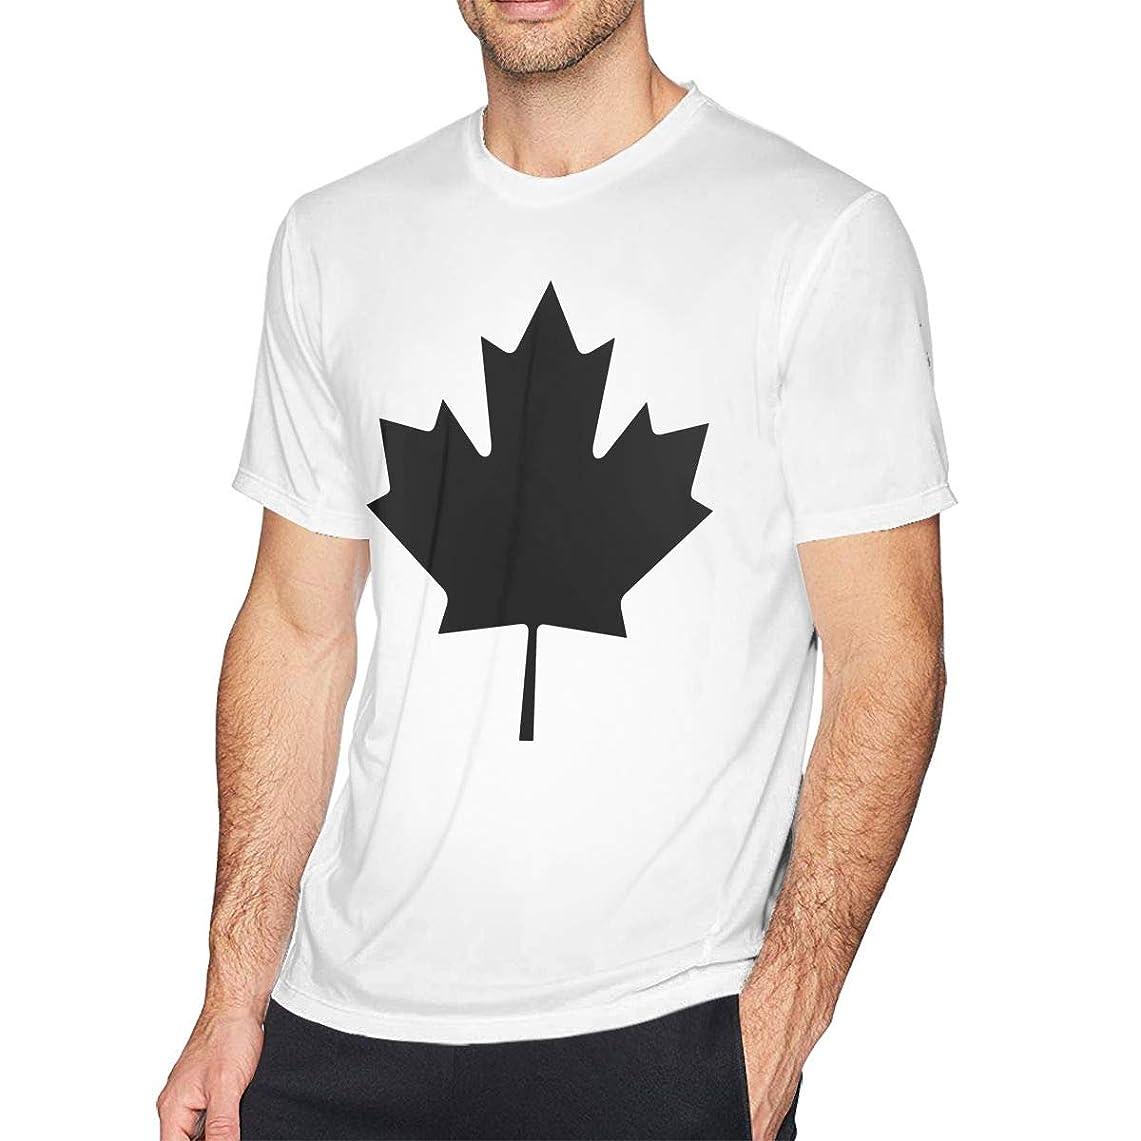 突き刺すくすぐったい太鼓腹カナダの紅葉 メンズ シャツ 半袖 薄手 カットソー カジュアル トップス オリジナル プリント シンプル ファッション